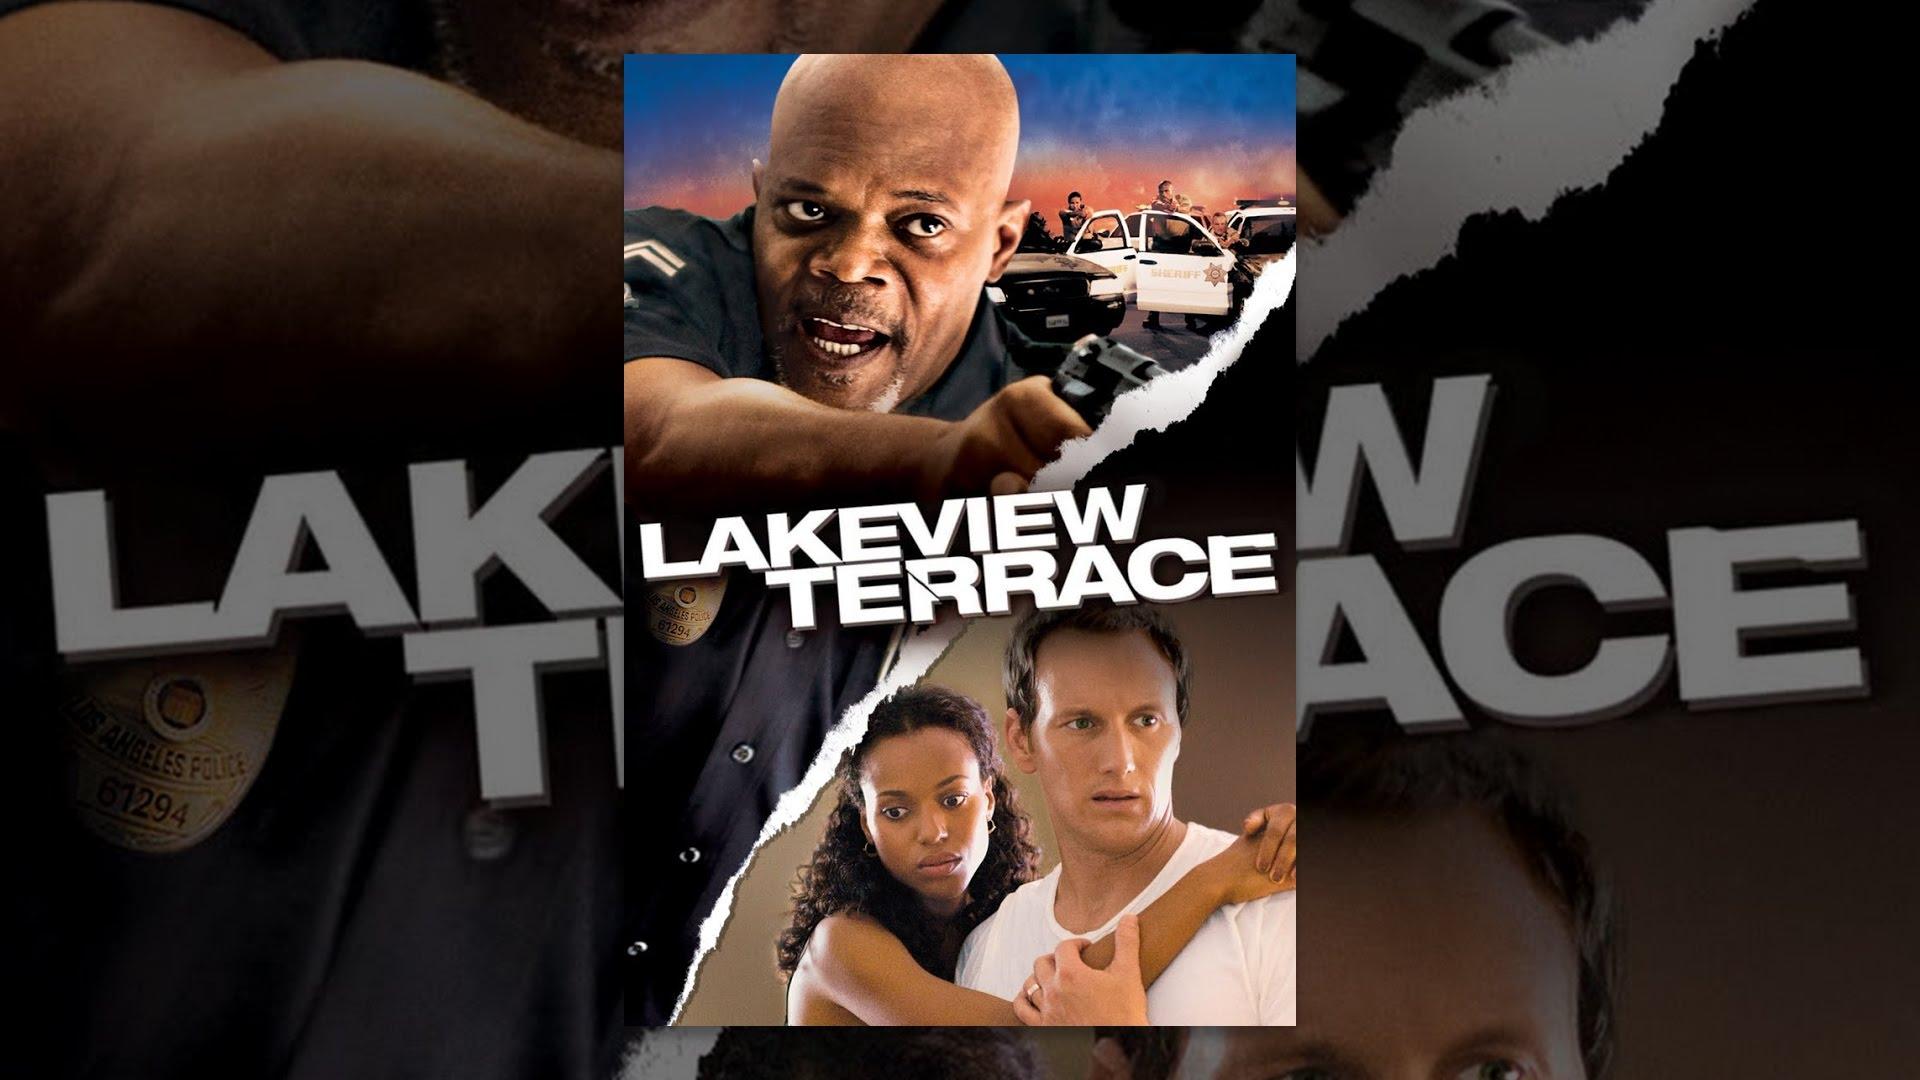 La terrazza sul lago - Trailer italiano - YouTube